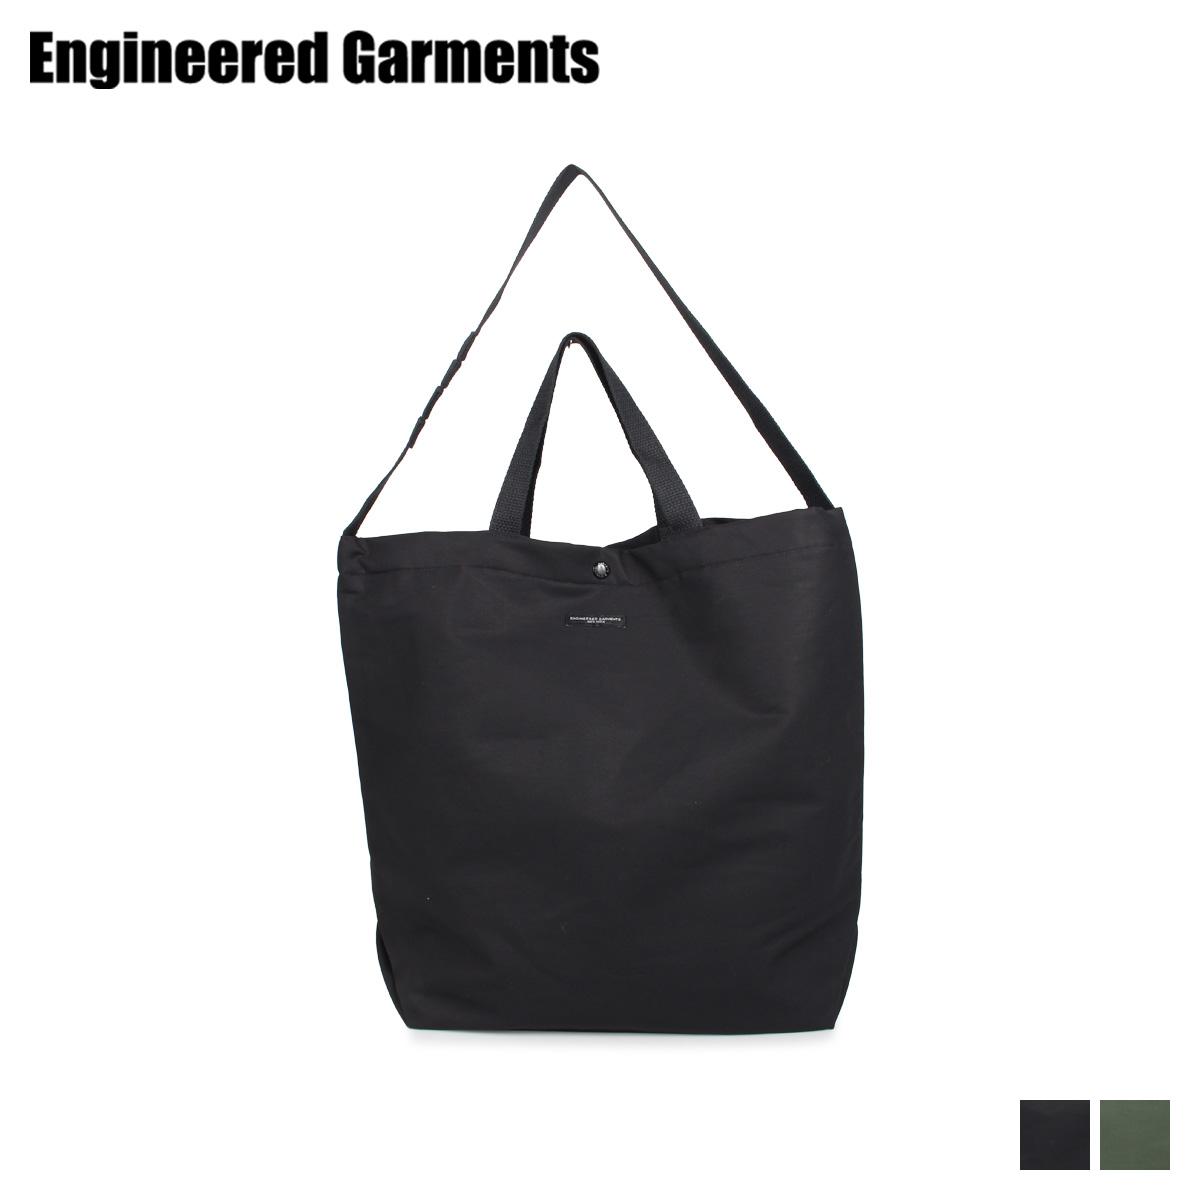 エンジニアドガーメンツ ENGINEERED GARMENTS バッグ トートバッグ ショルダー メンズ レディース 2WAY CARRY ALL TOTE ブラック オリーブ 黒 20F1H015 [9/23 新入荷]